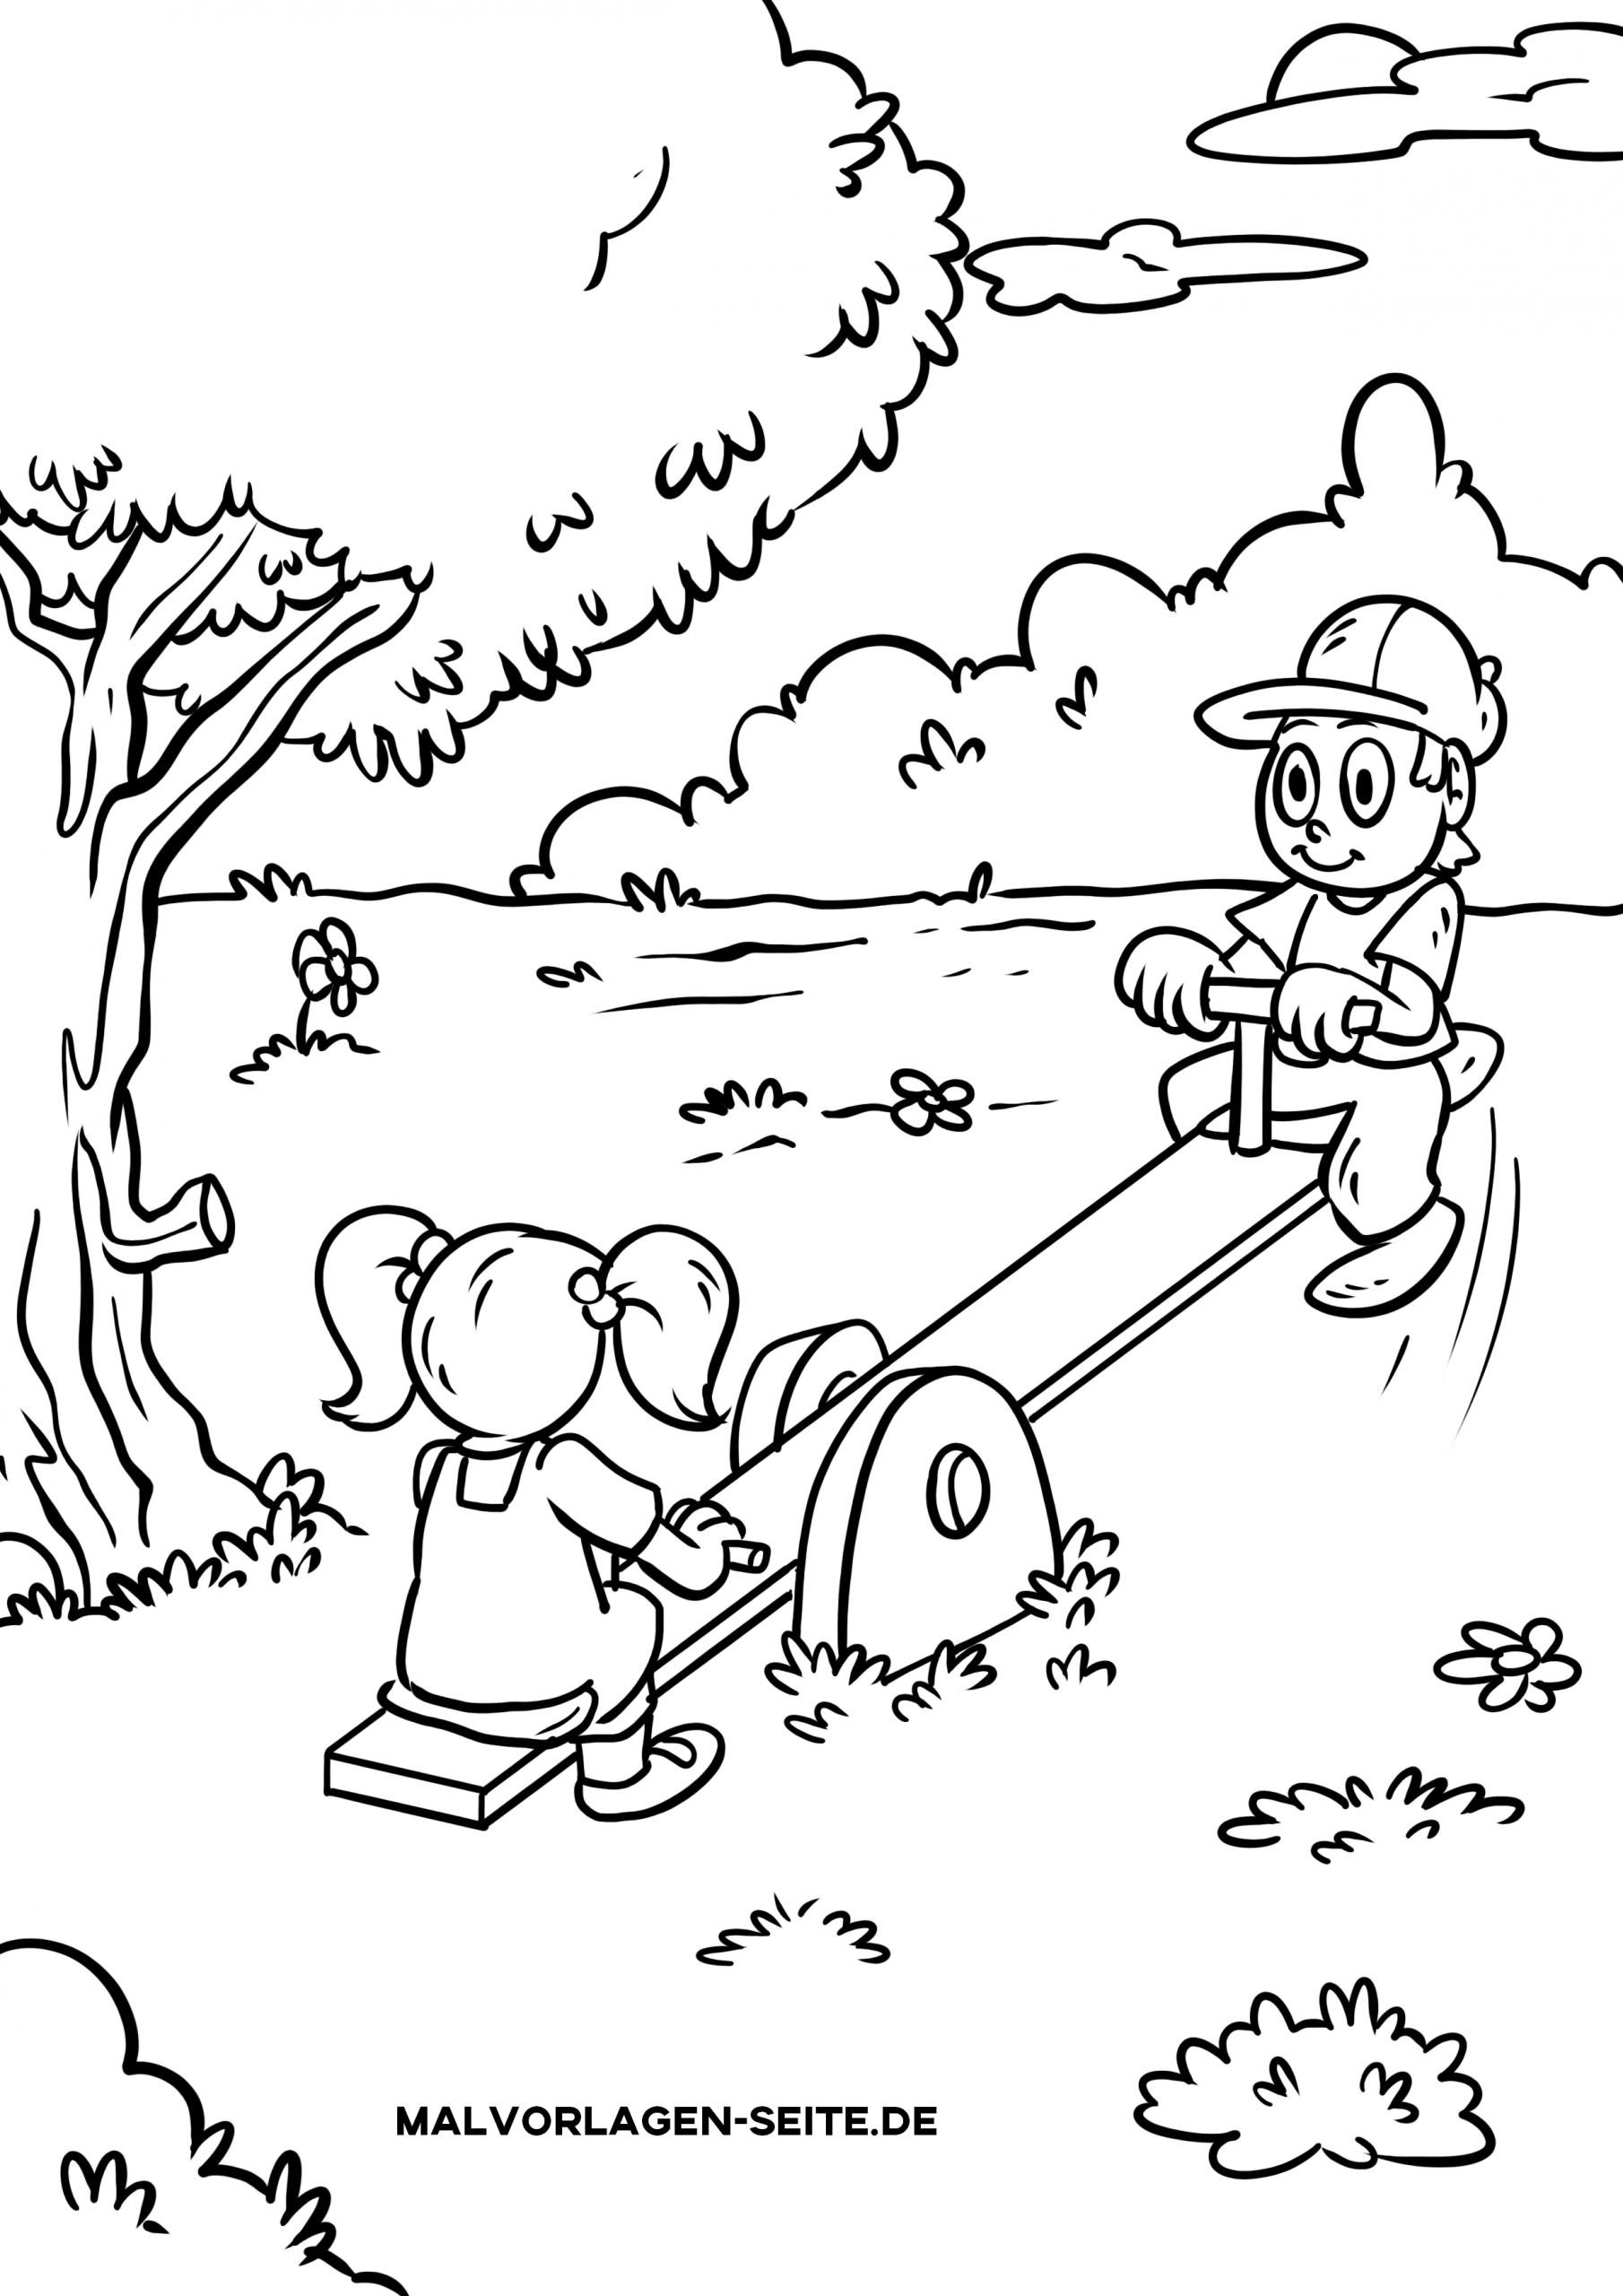 Malvorlage Kinder - Ausmalbilder Kostenlos Herunterladen bei Kinderausmalbilder